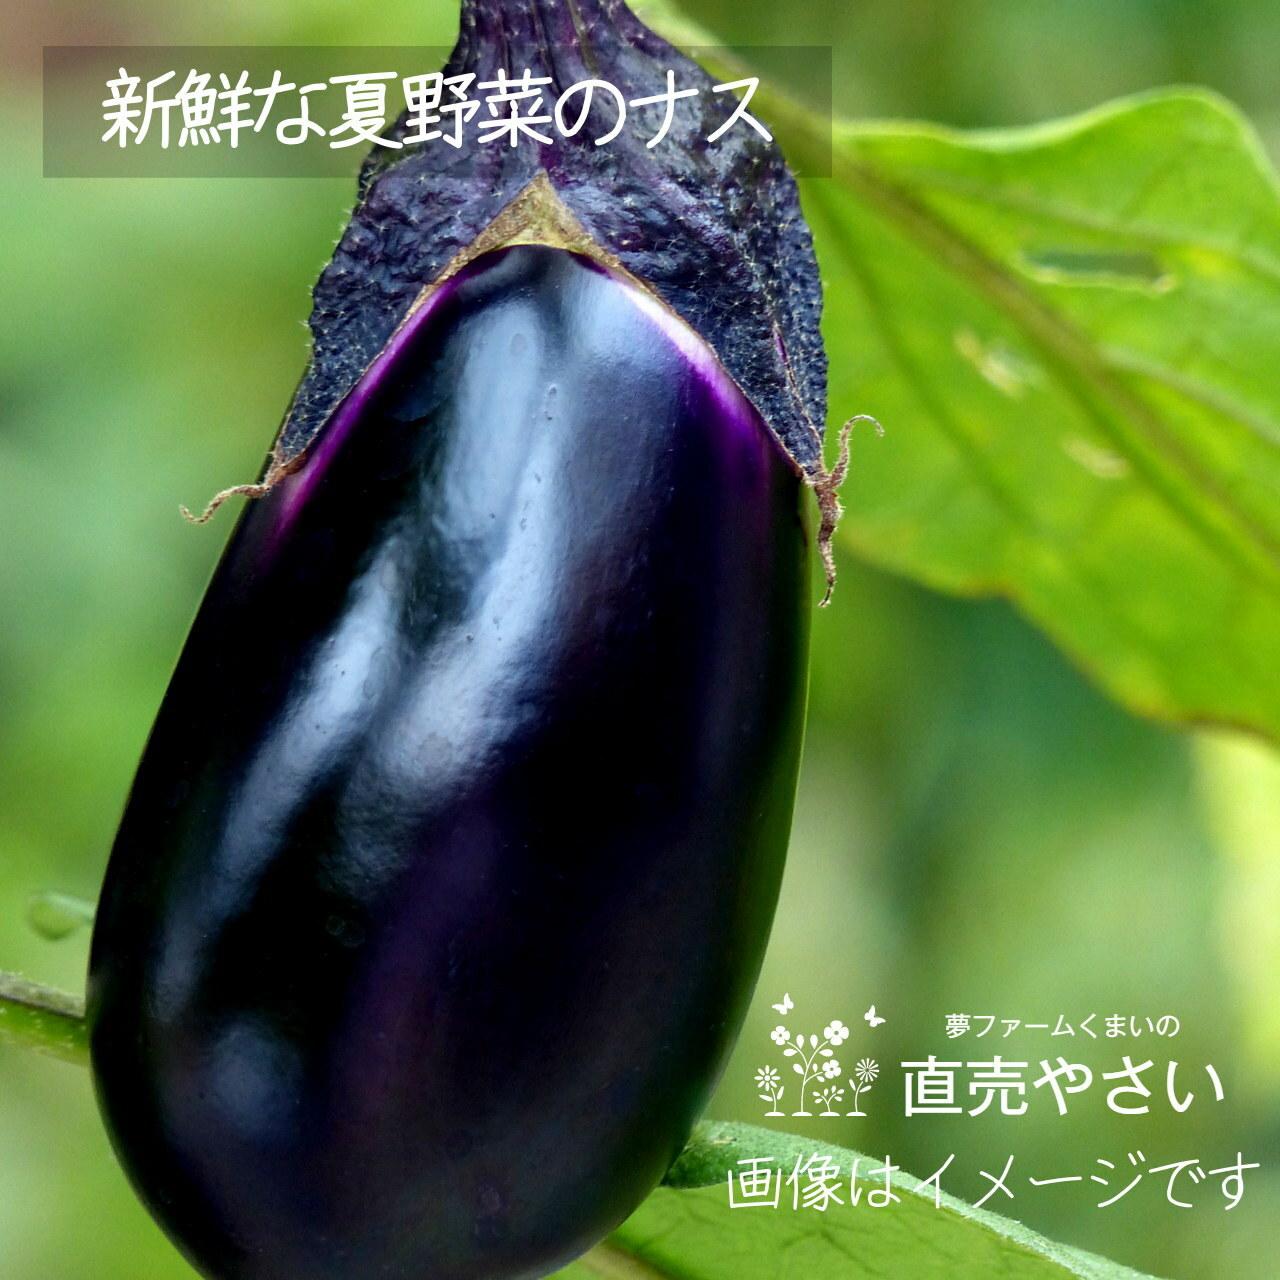 6月の朝採り直売野菜  : ナス 約400g 春の新鮮野菜 6月20日発送予定